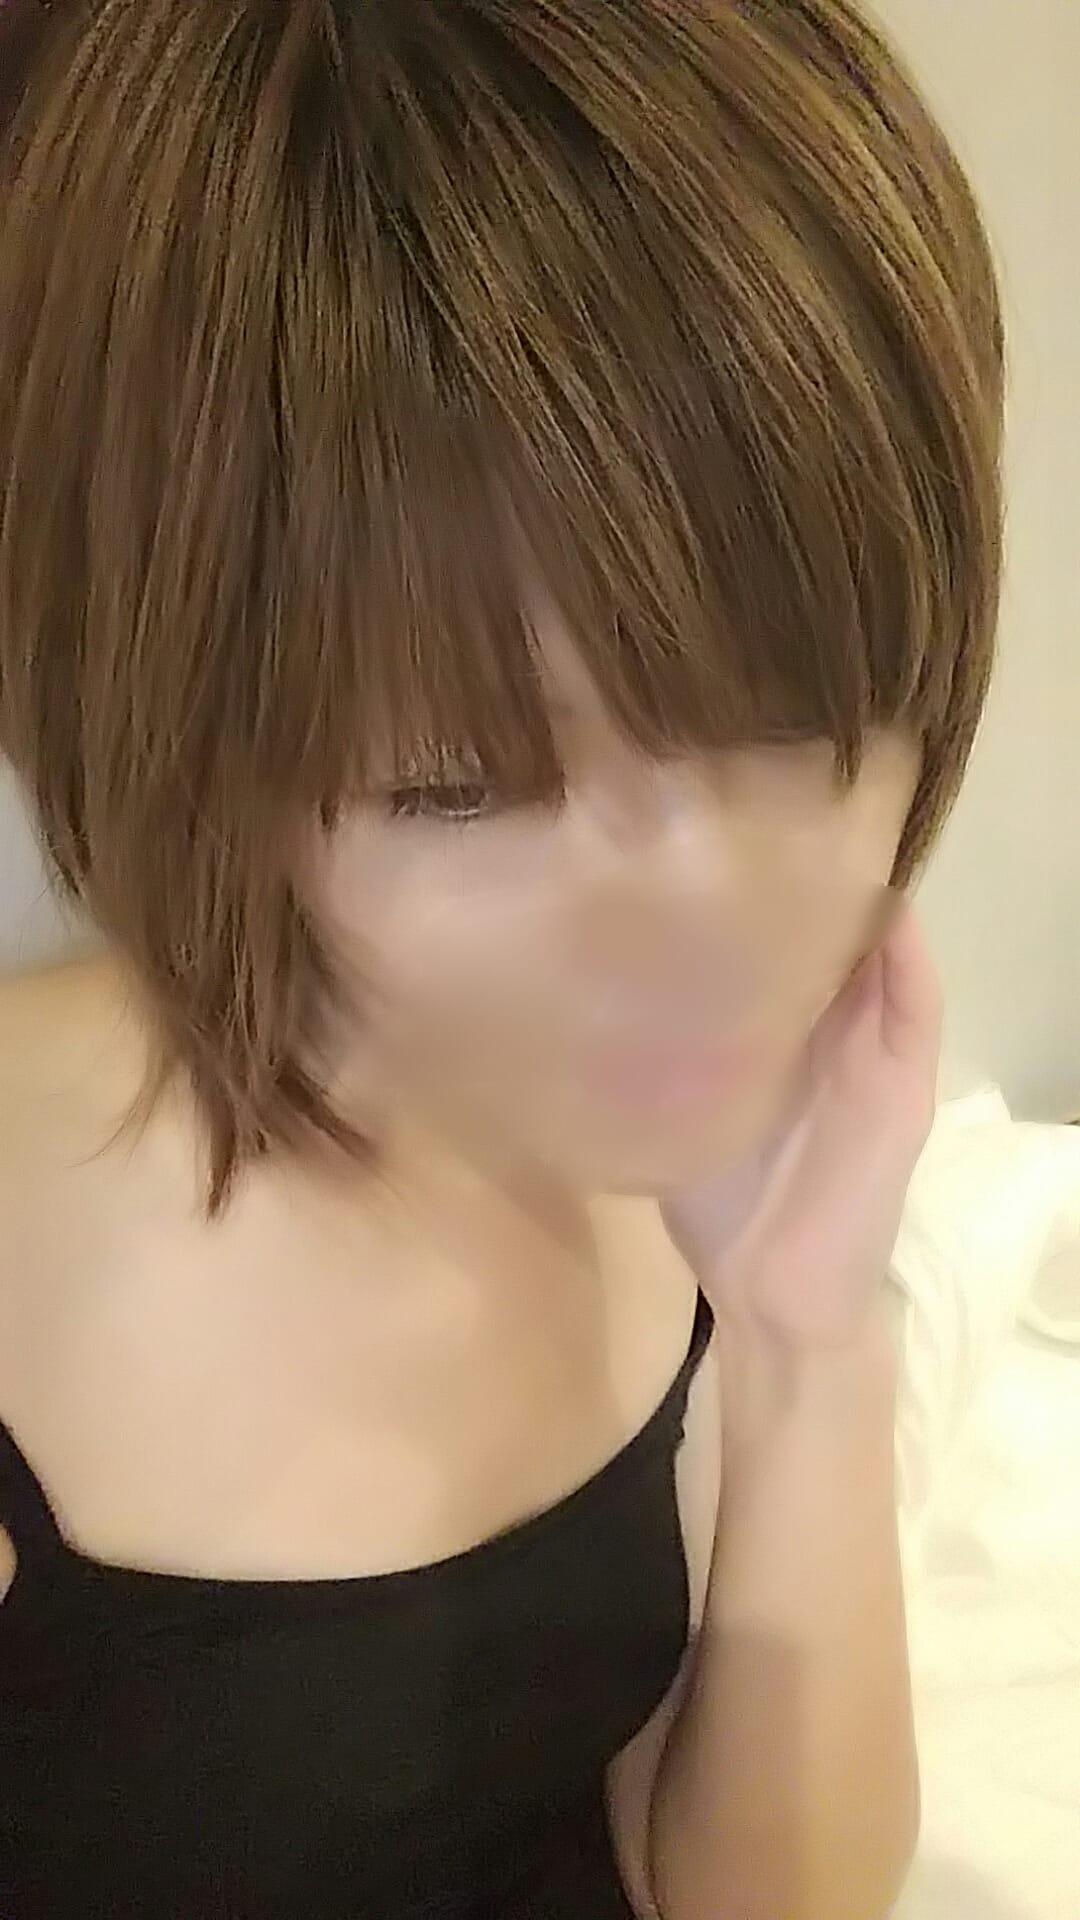 あずみ「楽しみ」06/29(木) 08:17 | あずみの写メ・風俗動画